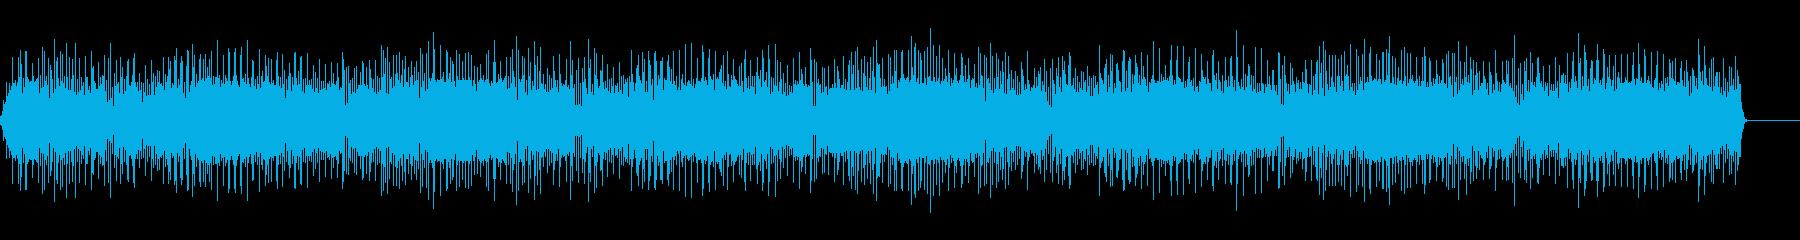 レーザー光グローハローの再生済みの波形